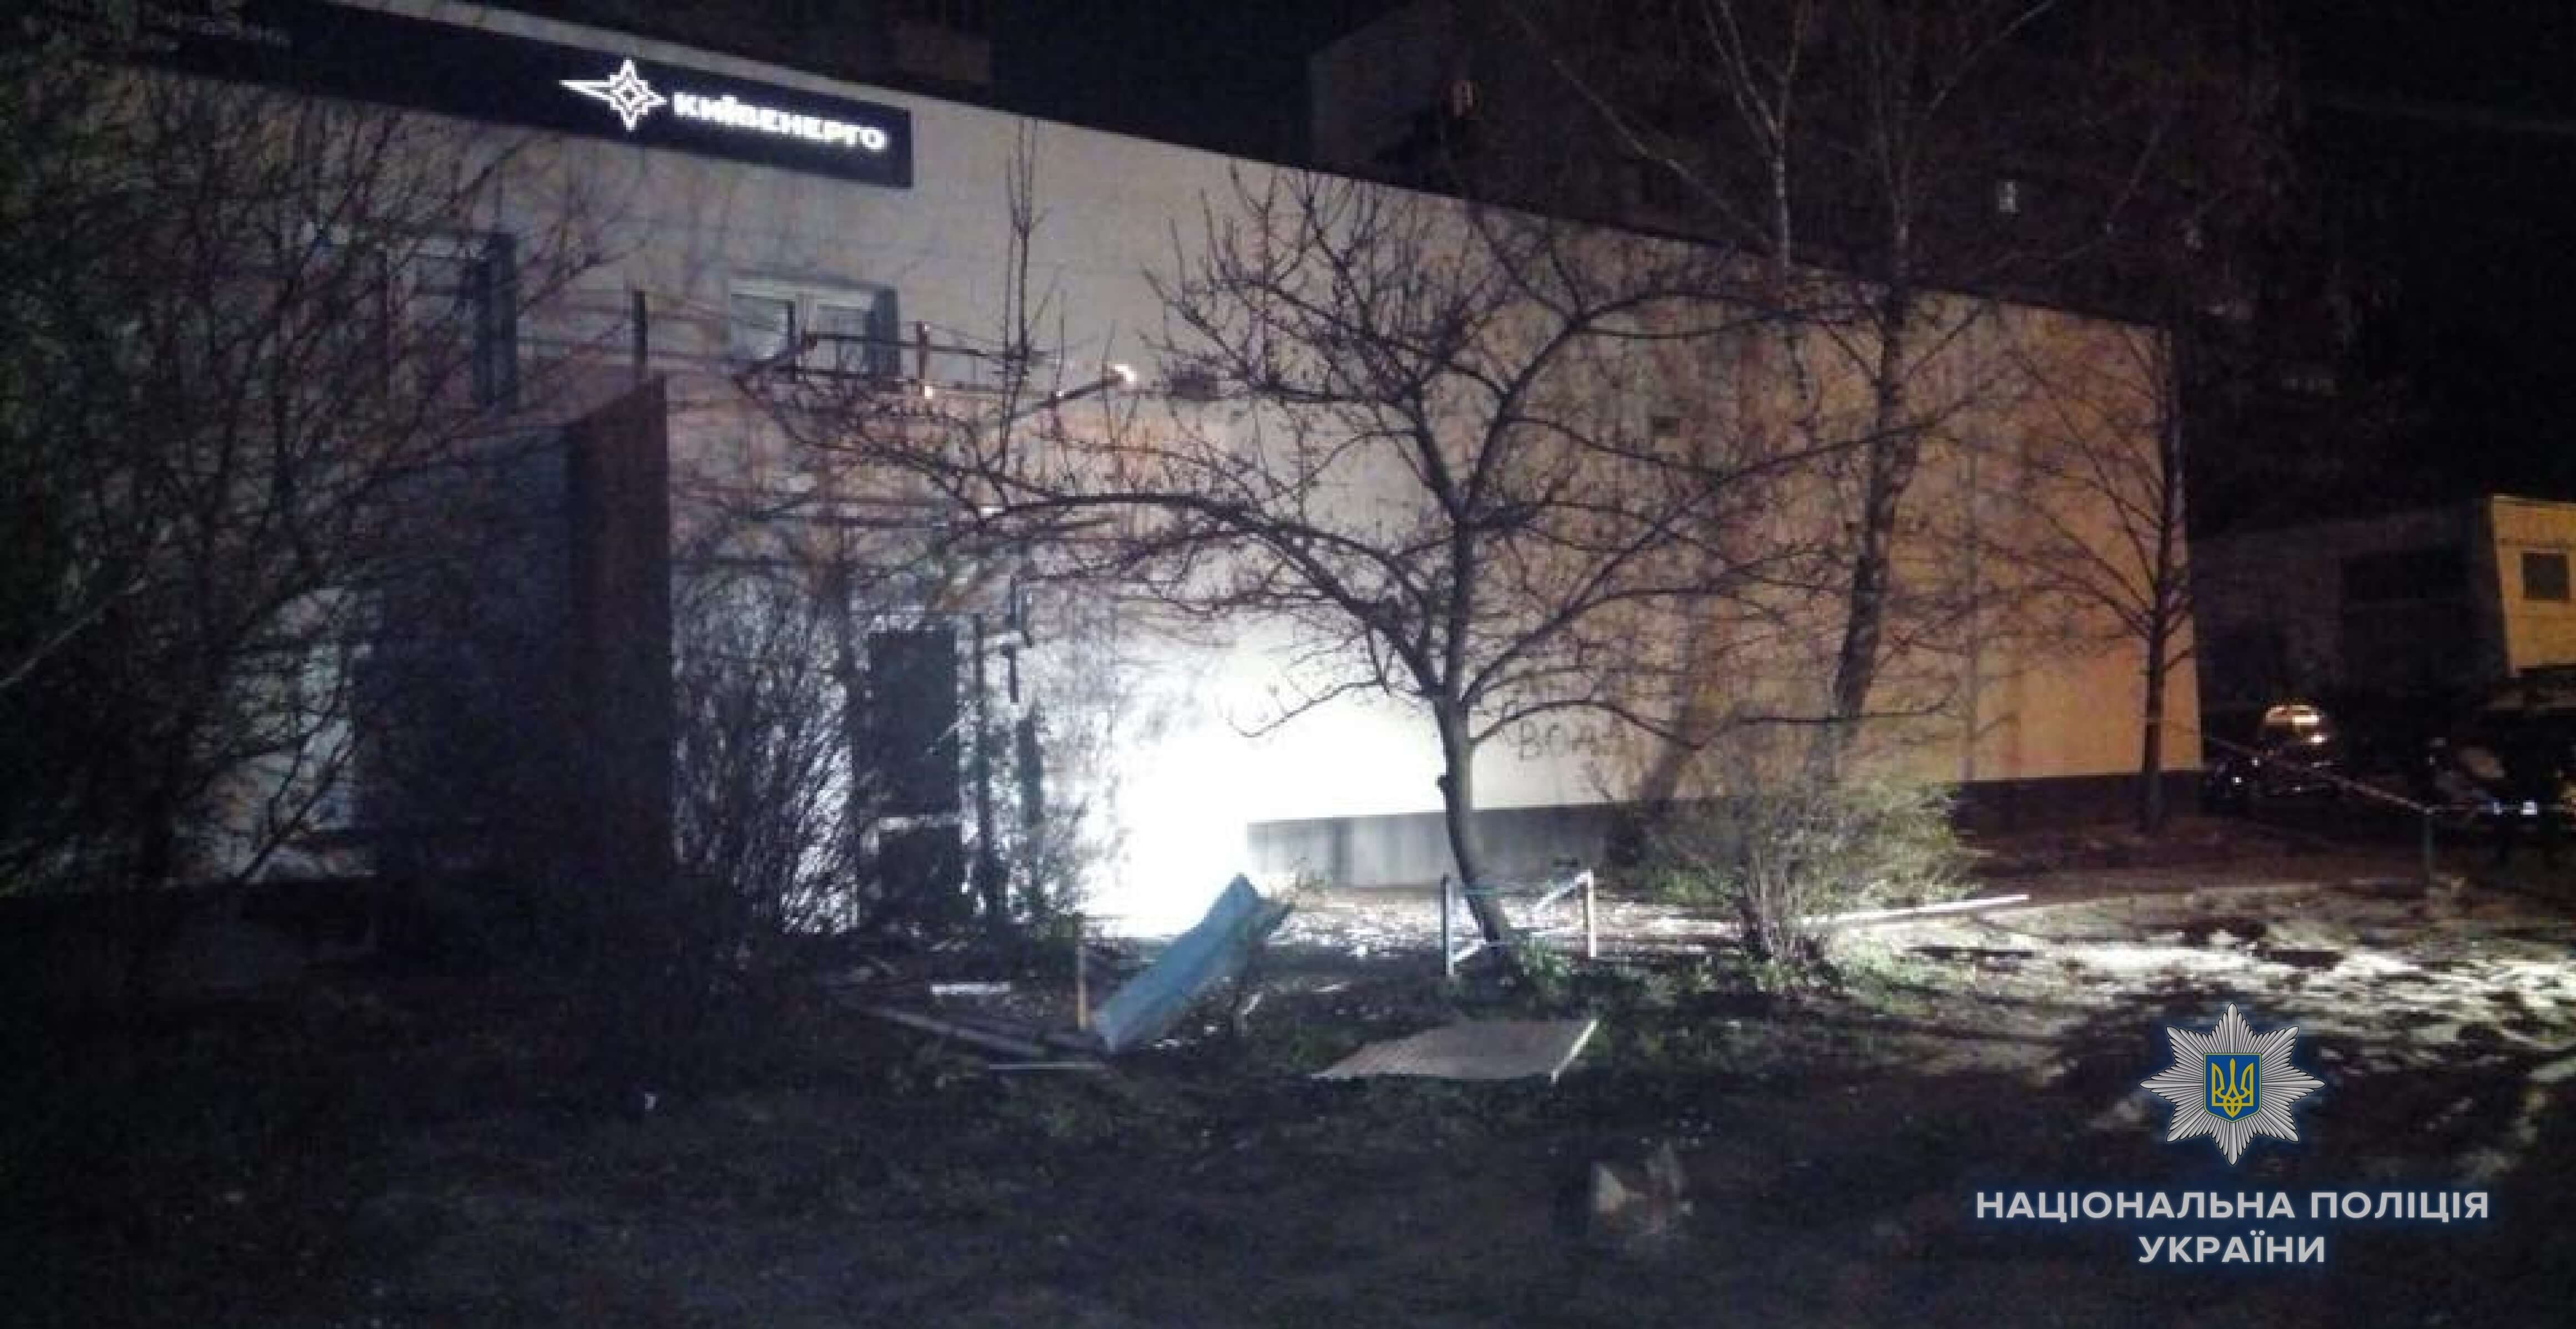 Встоличном парке вовремя потасовки произошел взрыв, есть раненые